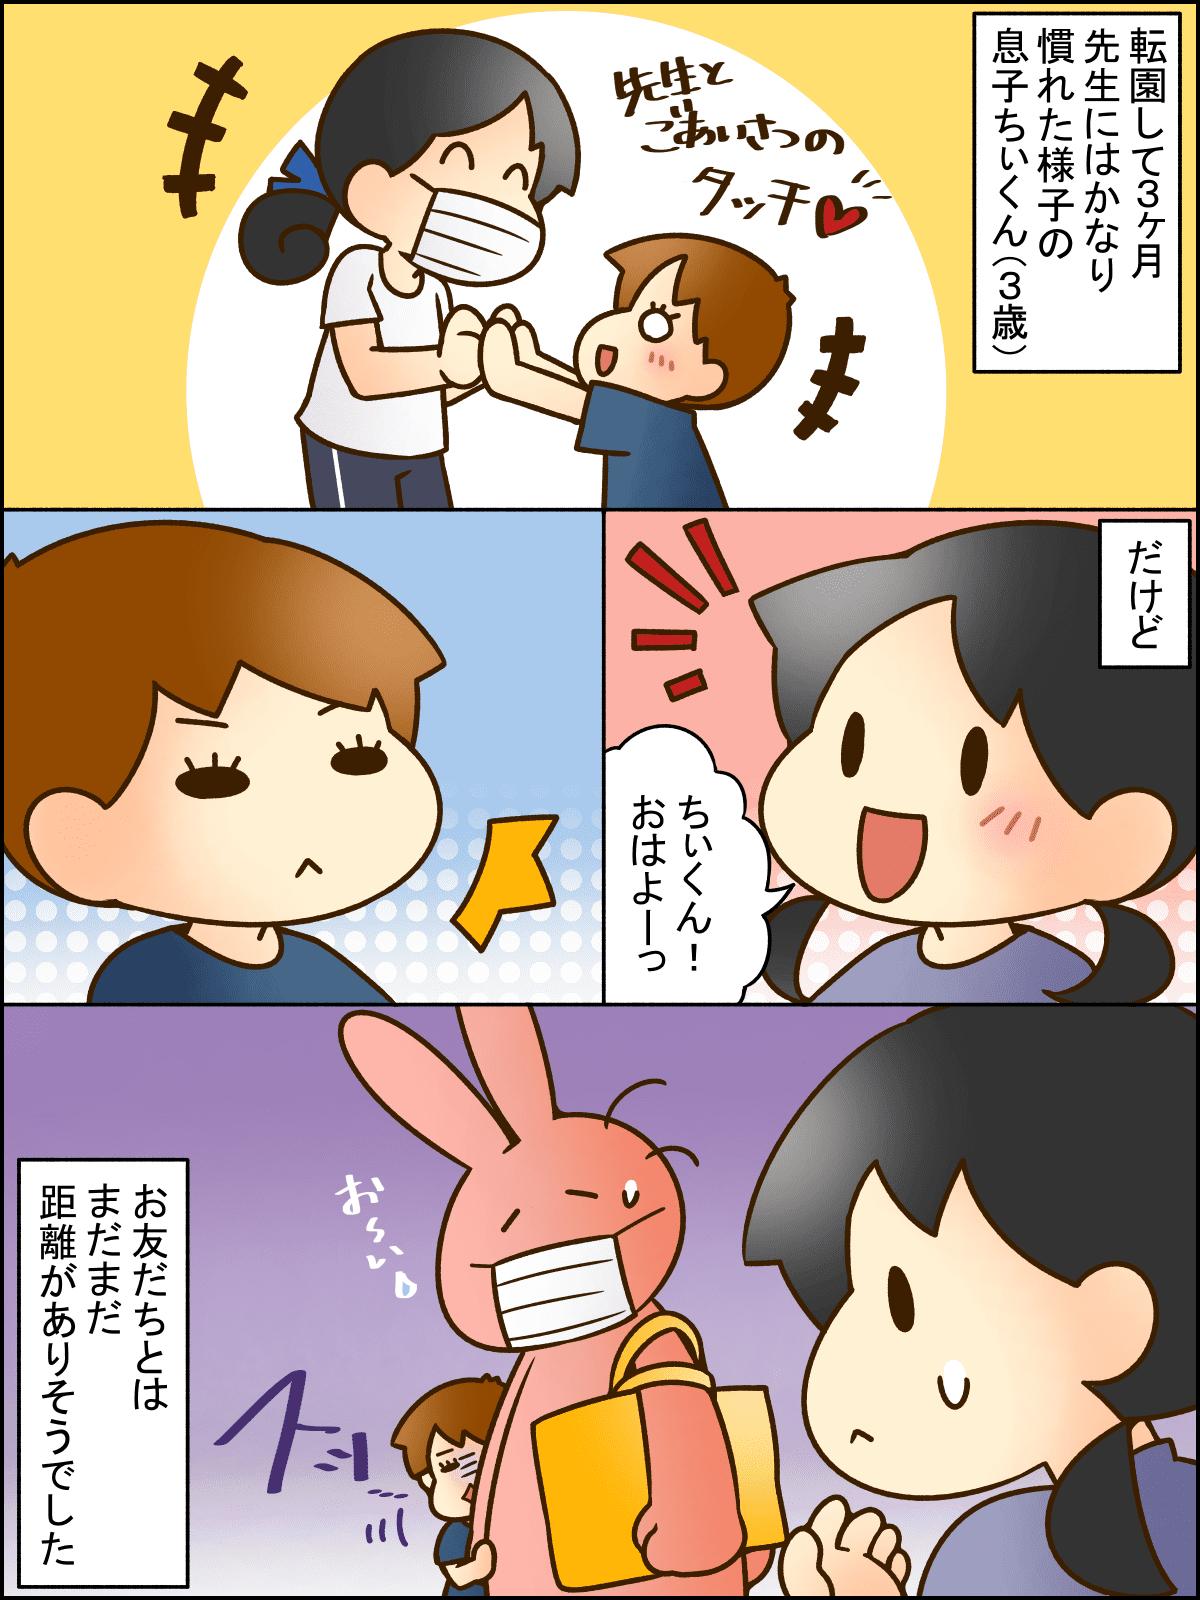 息子のお友達づくりをママがサポート!01